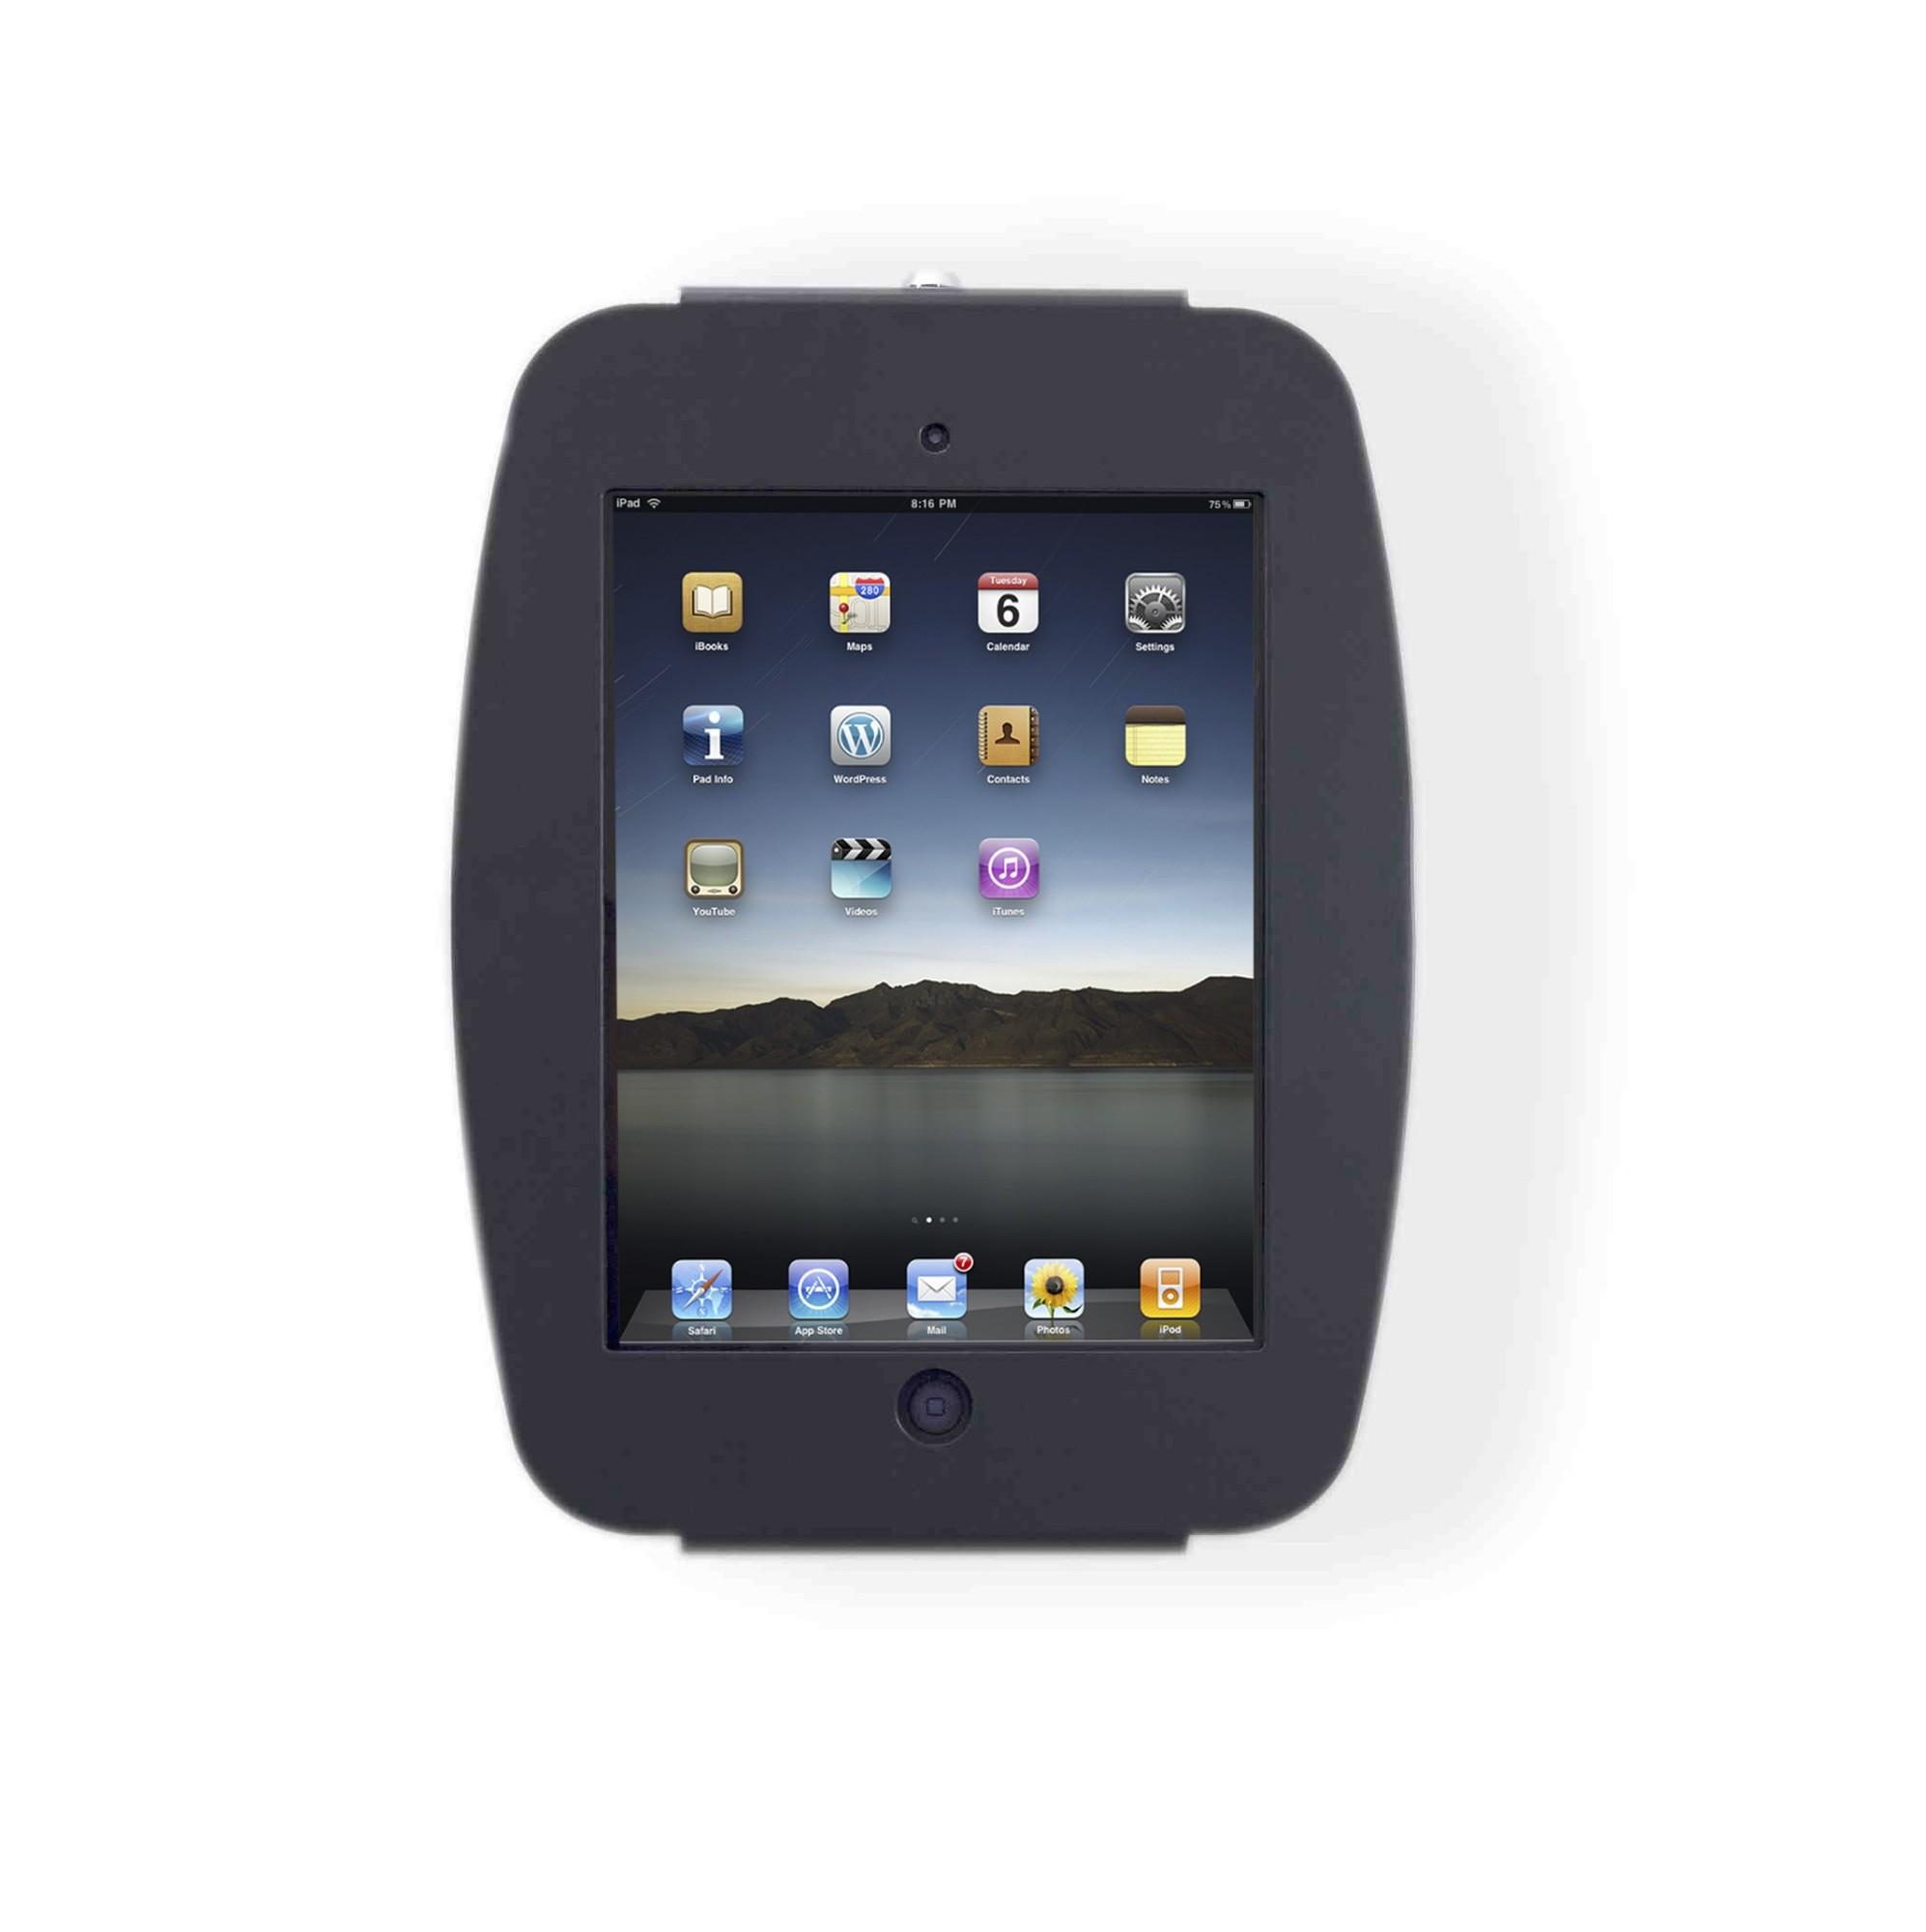 Compulocks 224SENB veiligheidsbehuizing voor tablets Zwart